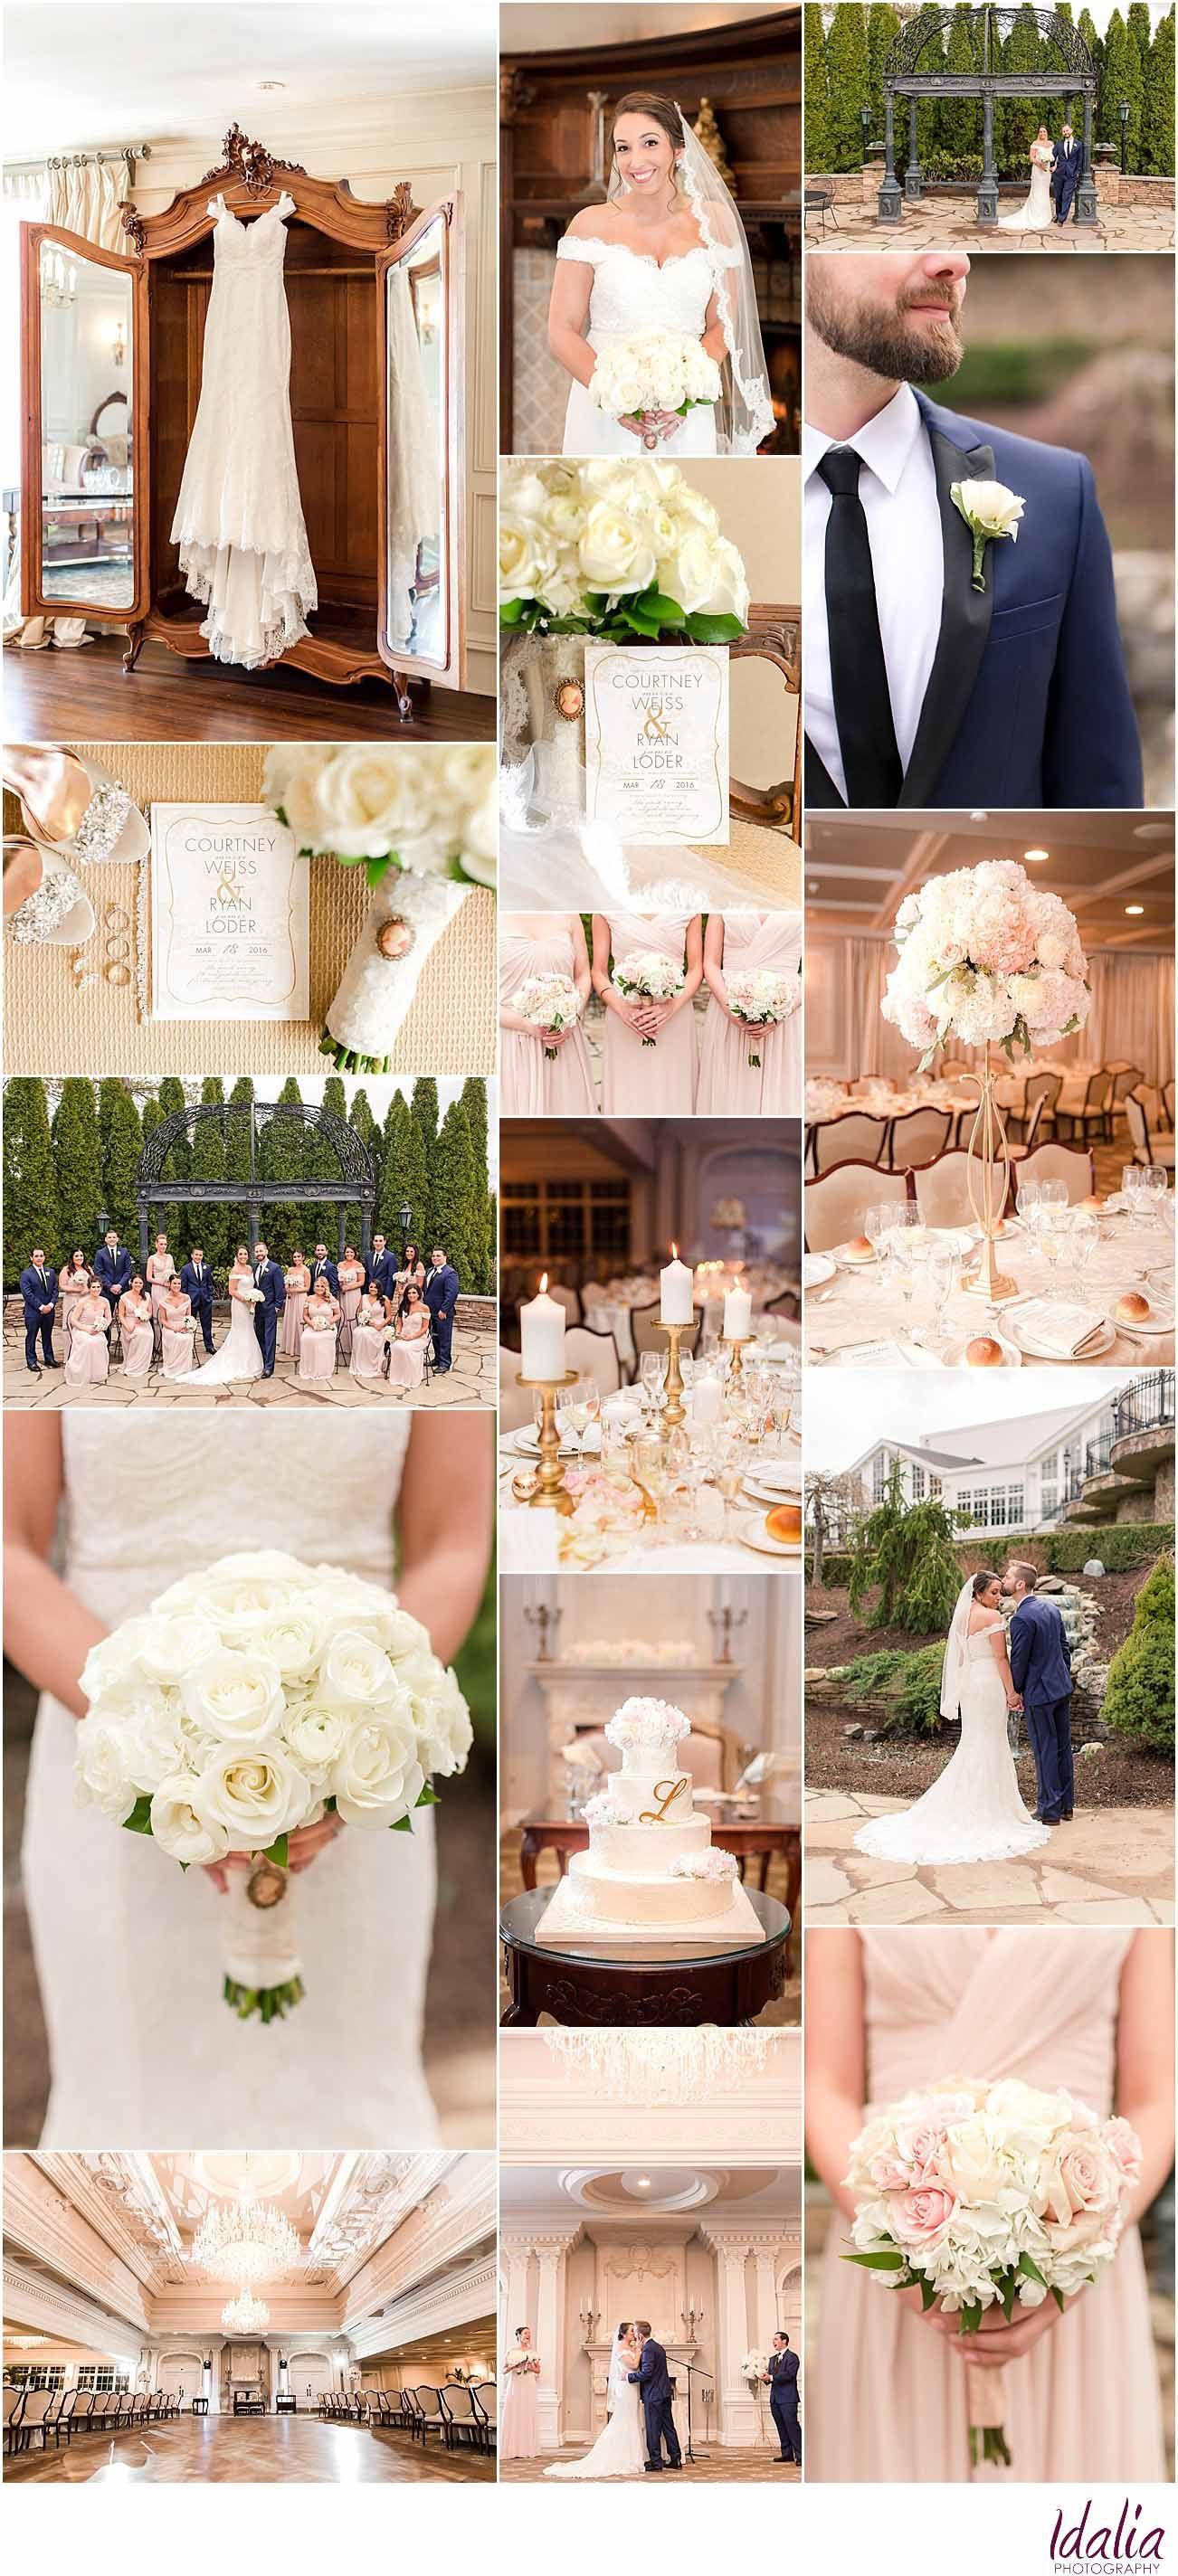 The Park Savoy Estate Nj wedding venues, Wedding venues